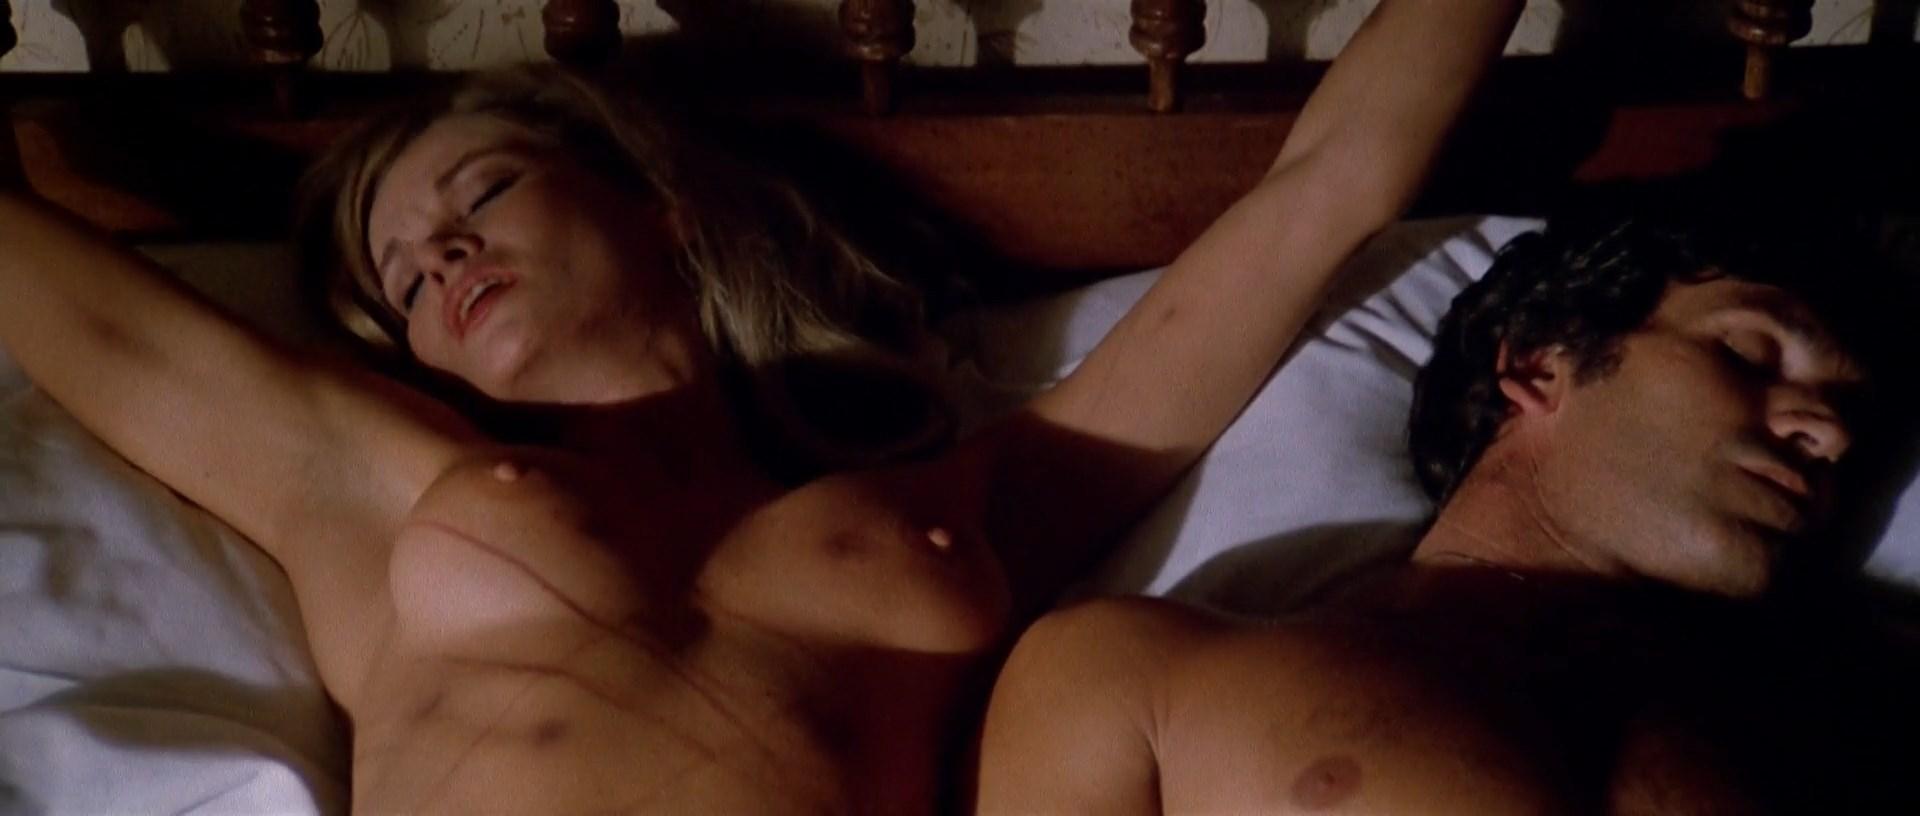 Alexandra delli colli nude